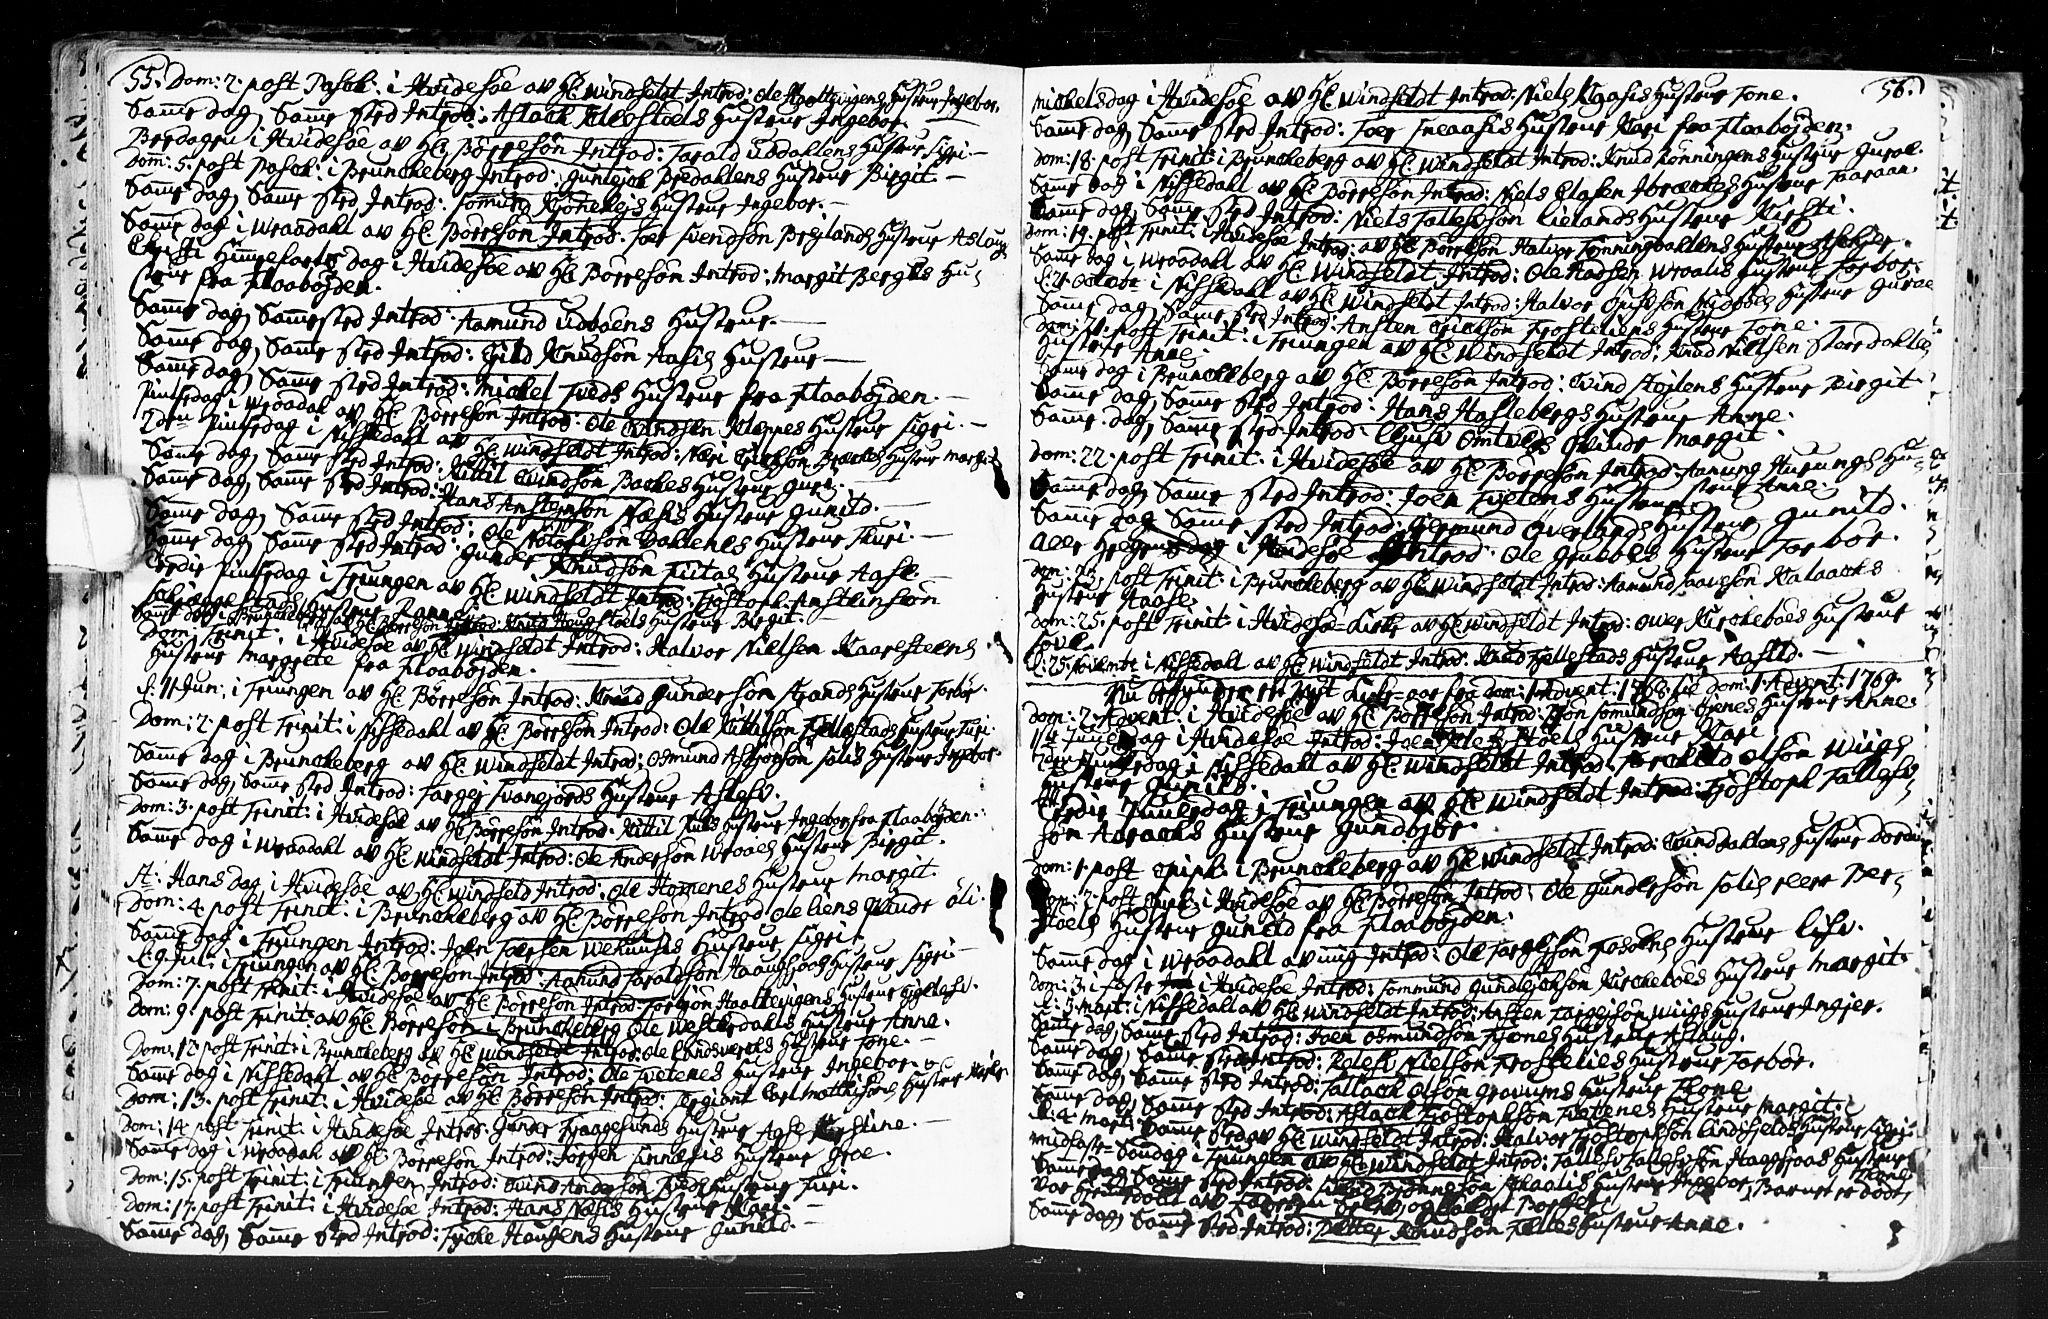 SAKO, Kviteseid kirkebøker, F/Fa/L0001: Ministerialbok nr. I 1, 1754-1773, s. 55-56